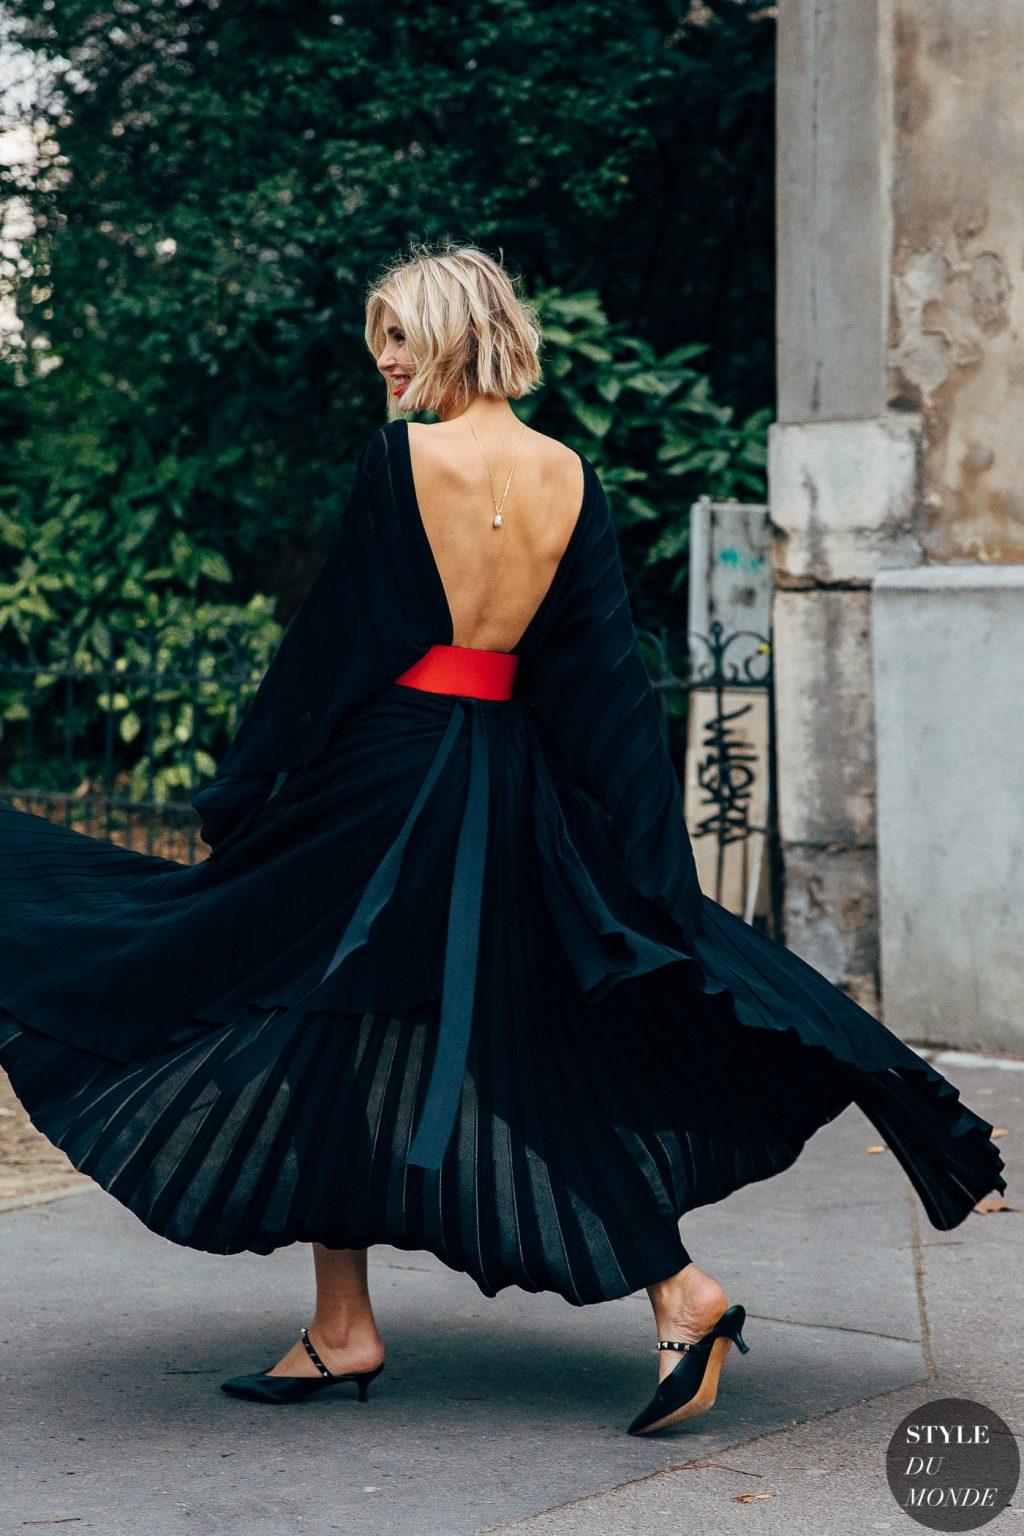 Fashionista mặc váy đen hở lưng đi giày gót thấp màu đen trong BST thời trang mùa Thu